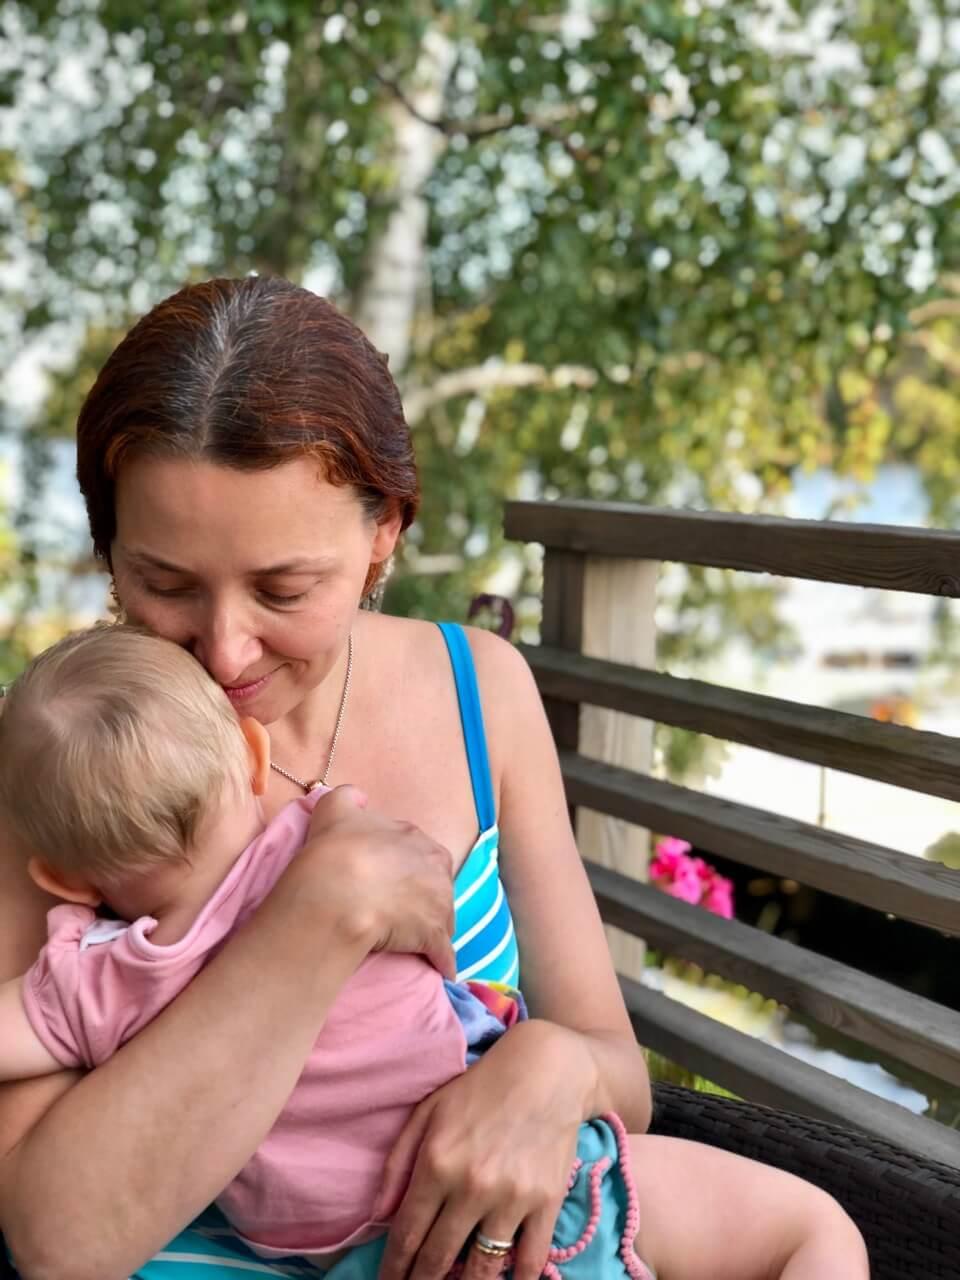 vauva sosiaalinen kehitys